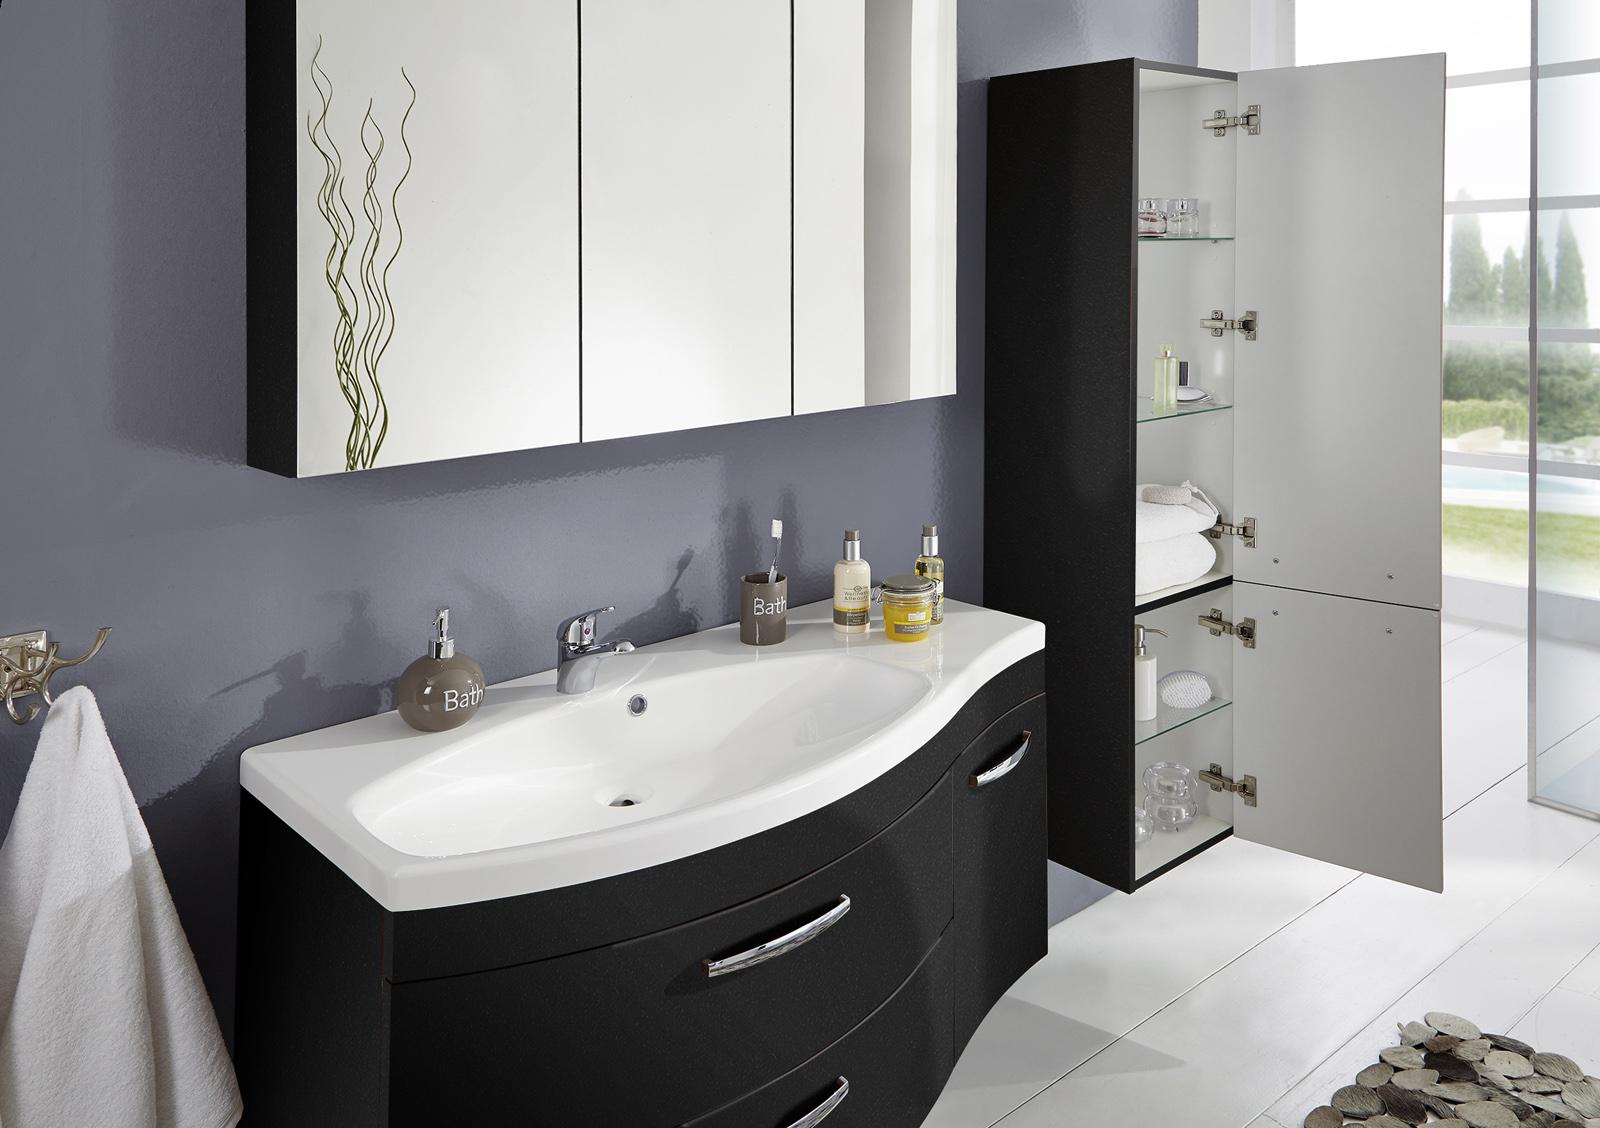 sam badm bel matt anthrazit 3tlg spiegelauswahl vena links. Black Bedroom Furniture Sets. Home Design Ideas